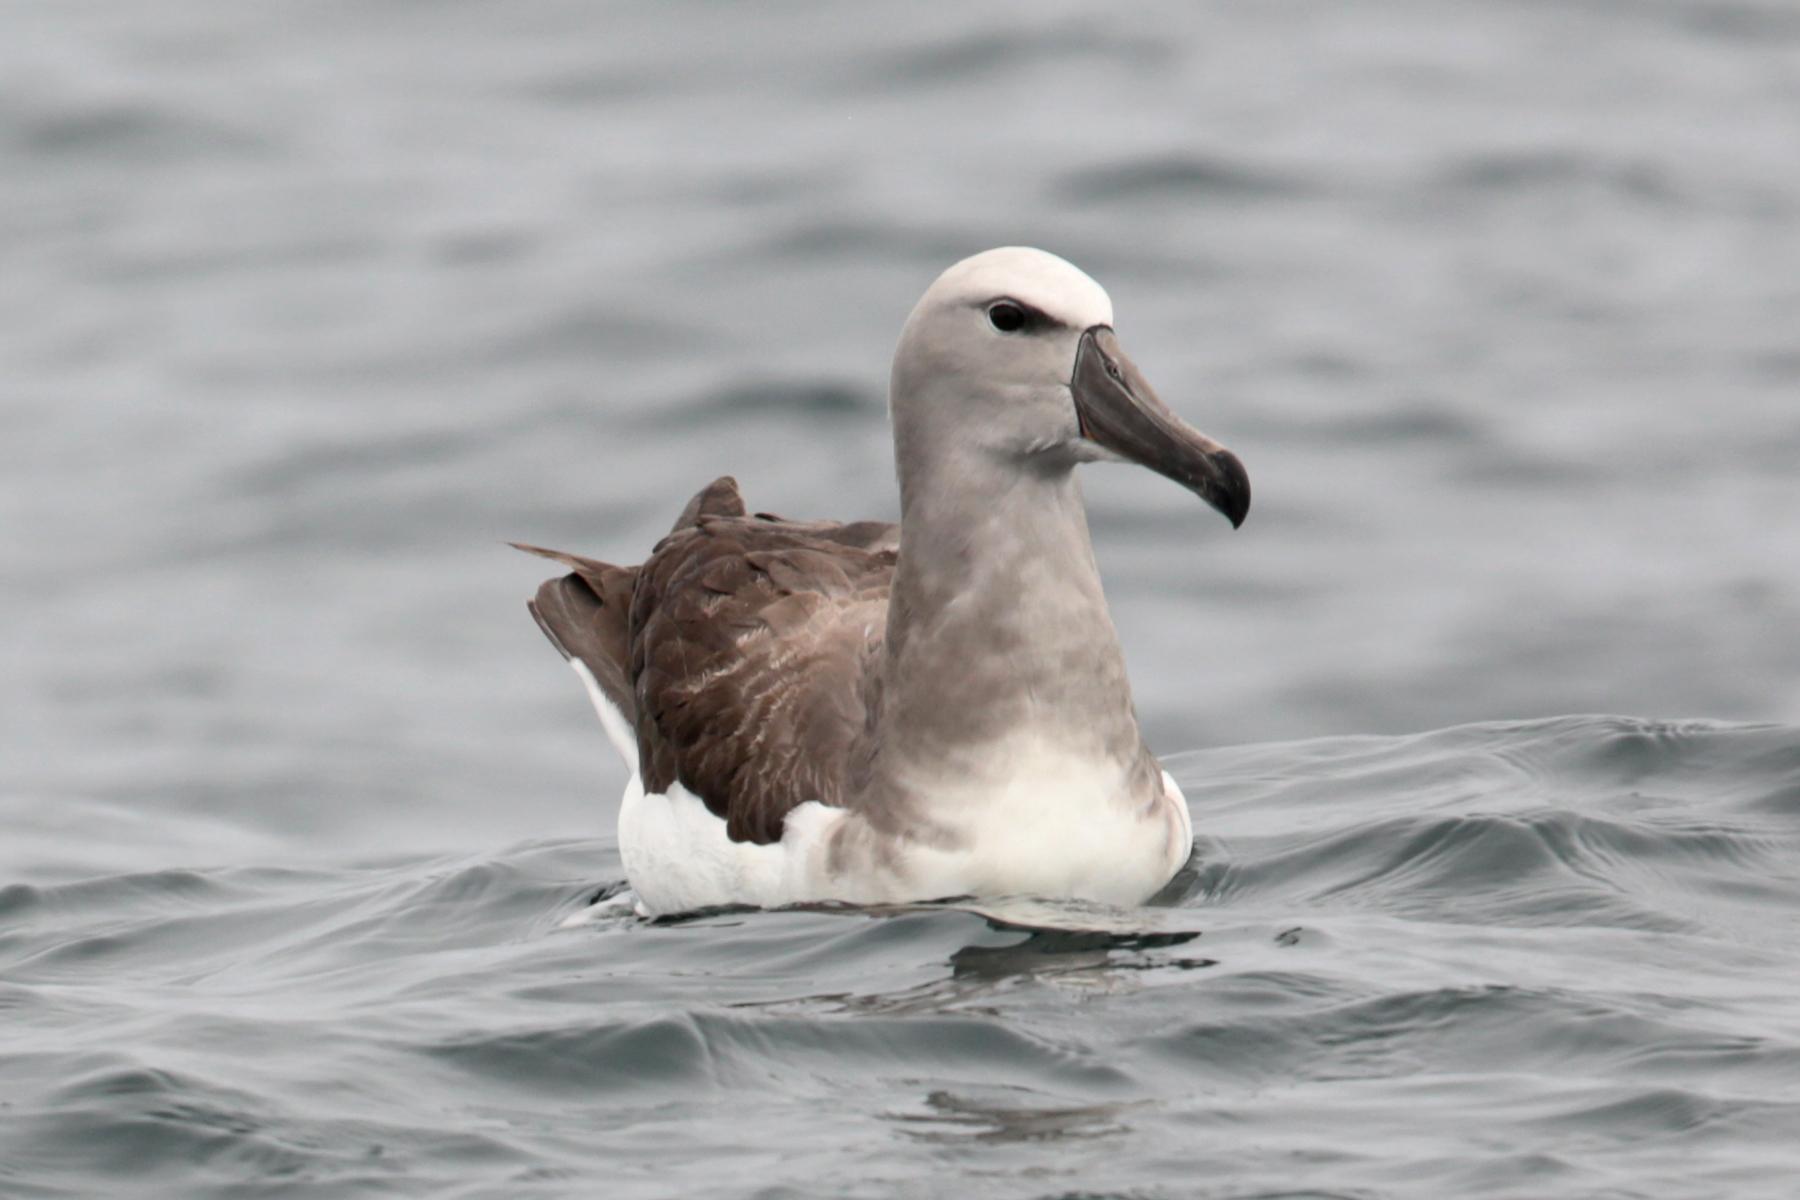 Image of Salvin's Albatross